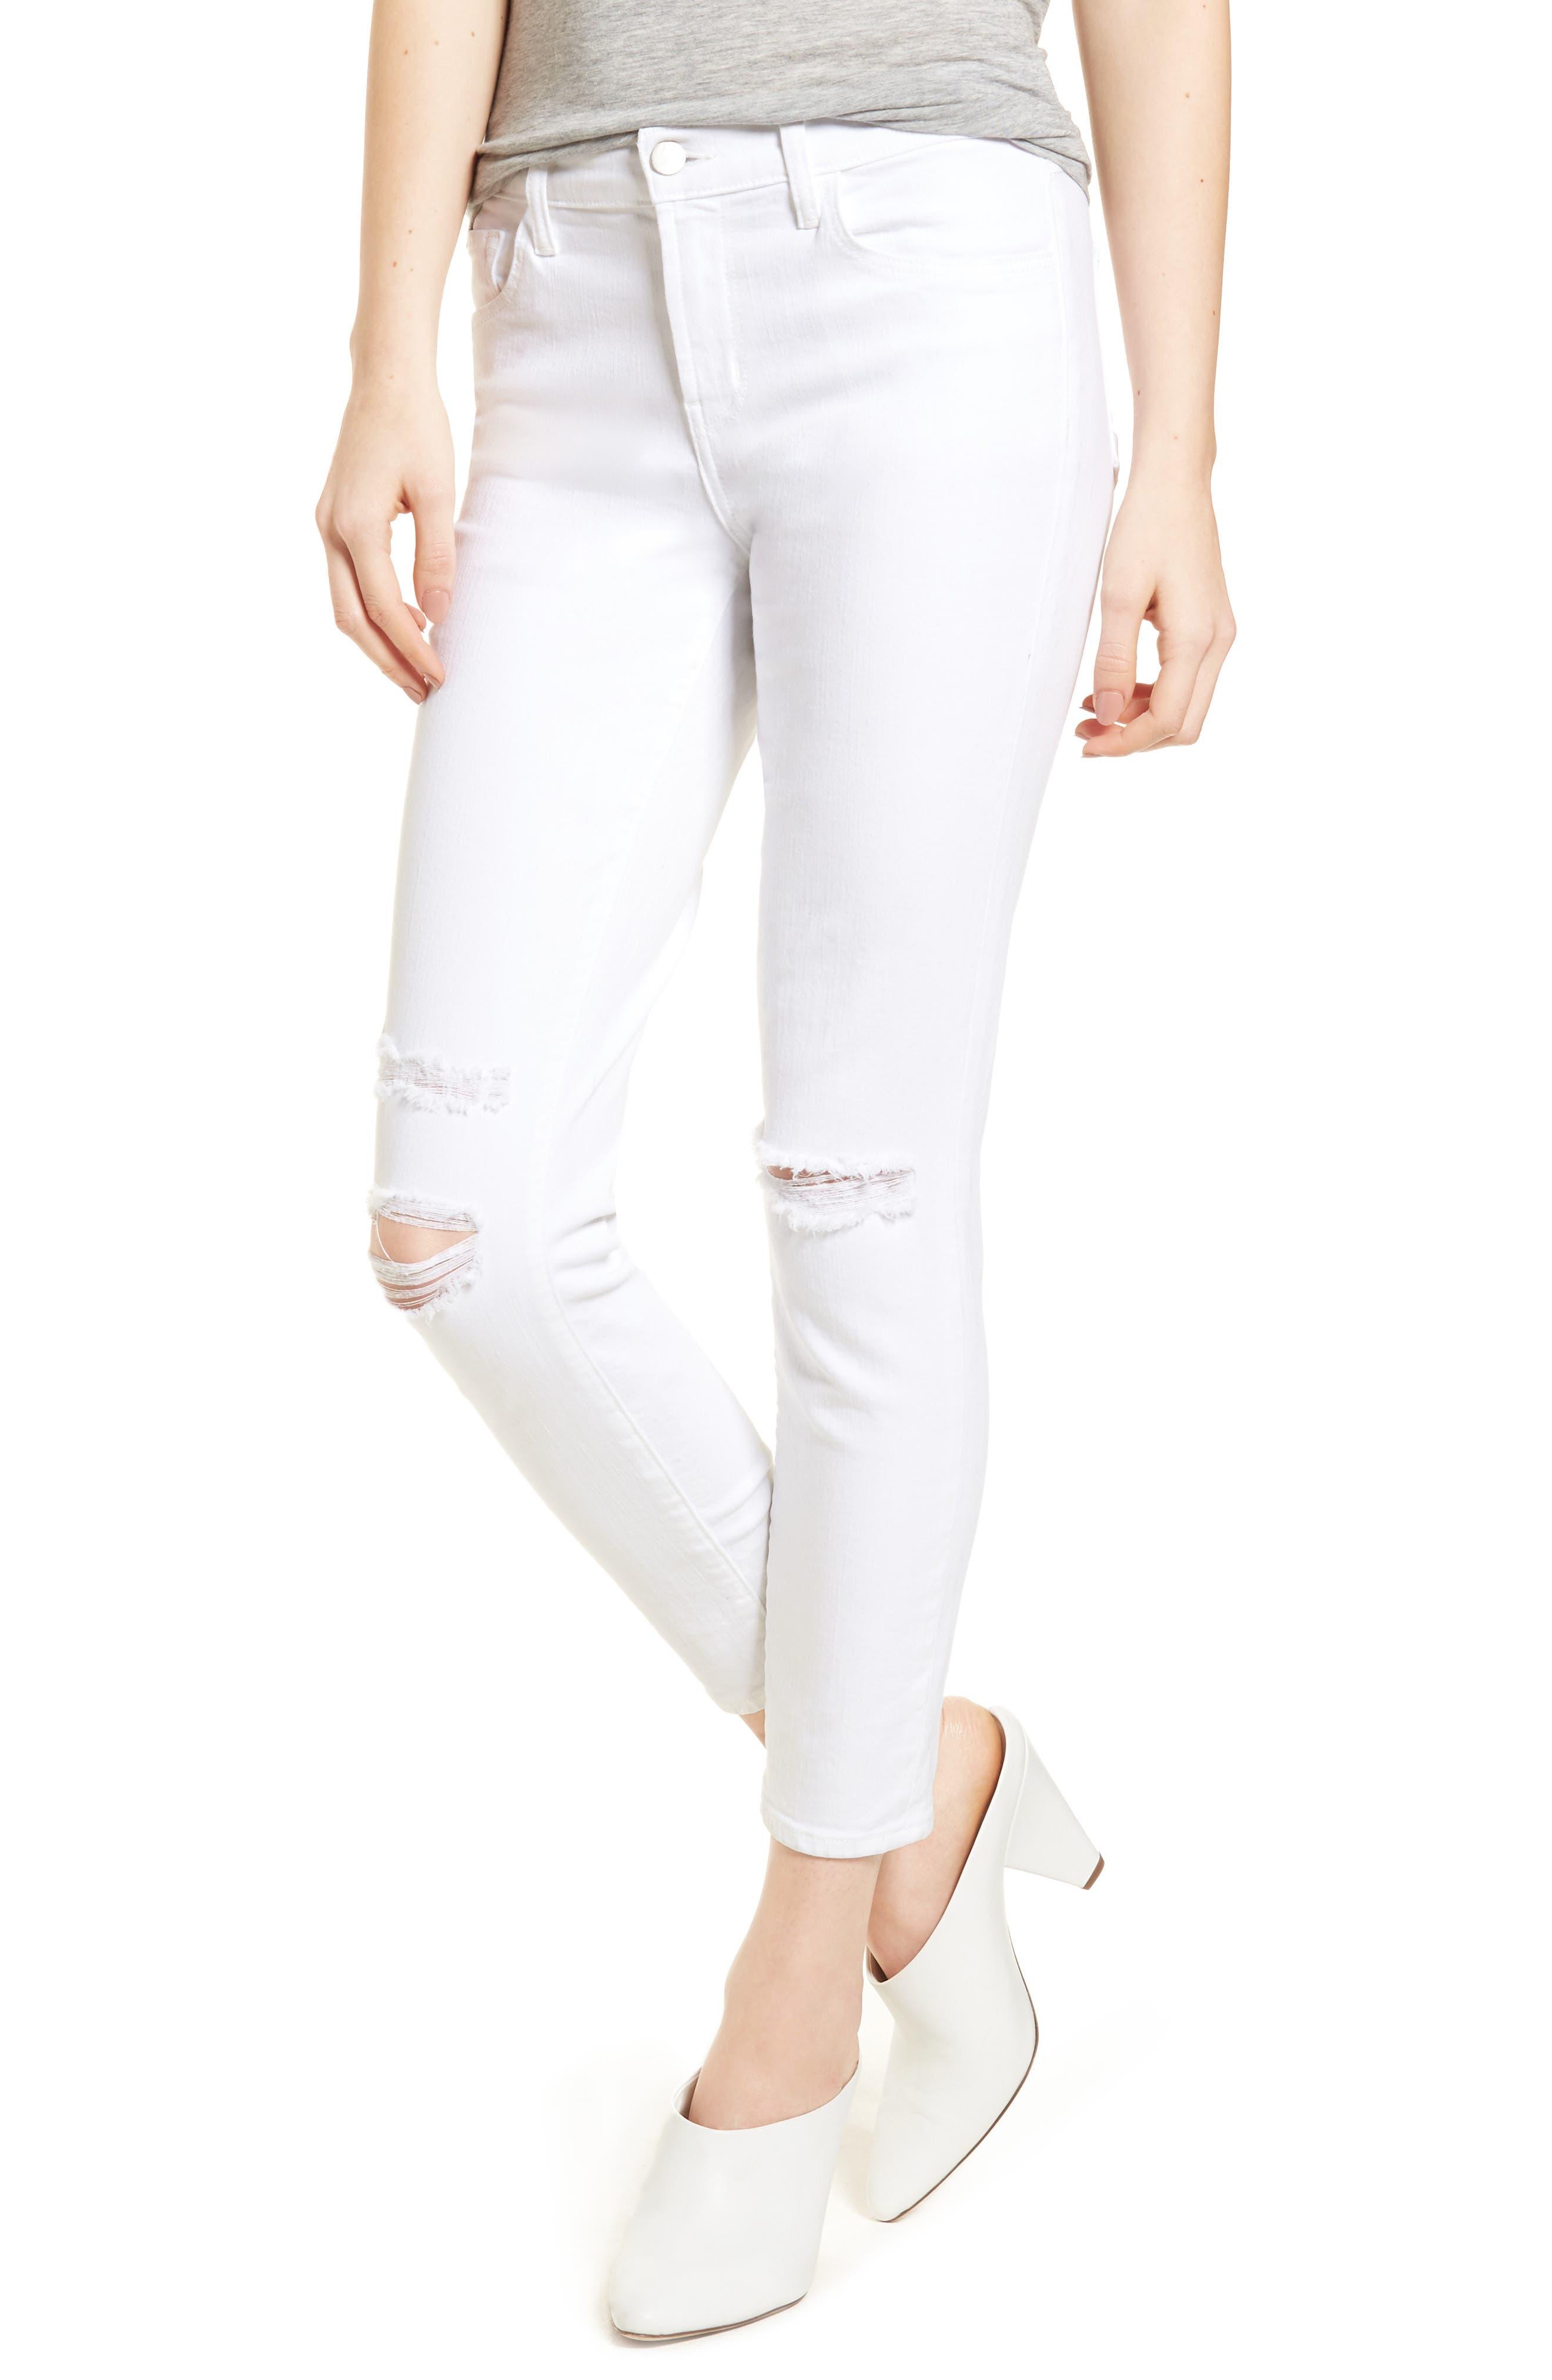 J BRAND, Mid-Rise Capri Skinny Jeans, Main thumbnail 1, color, 101